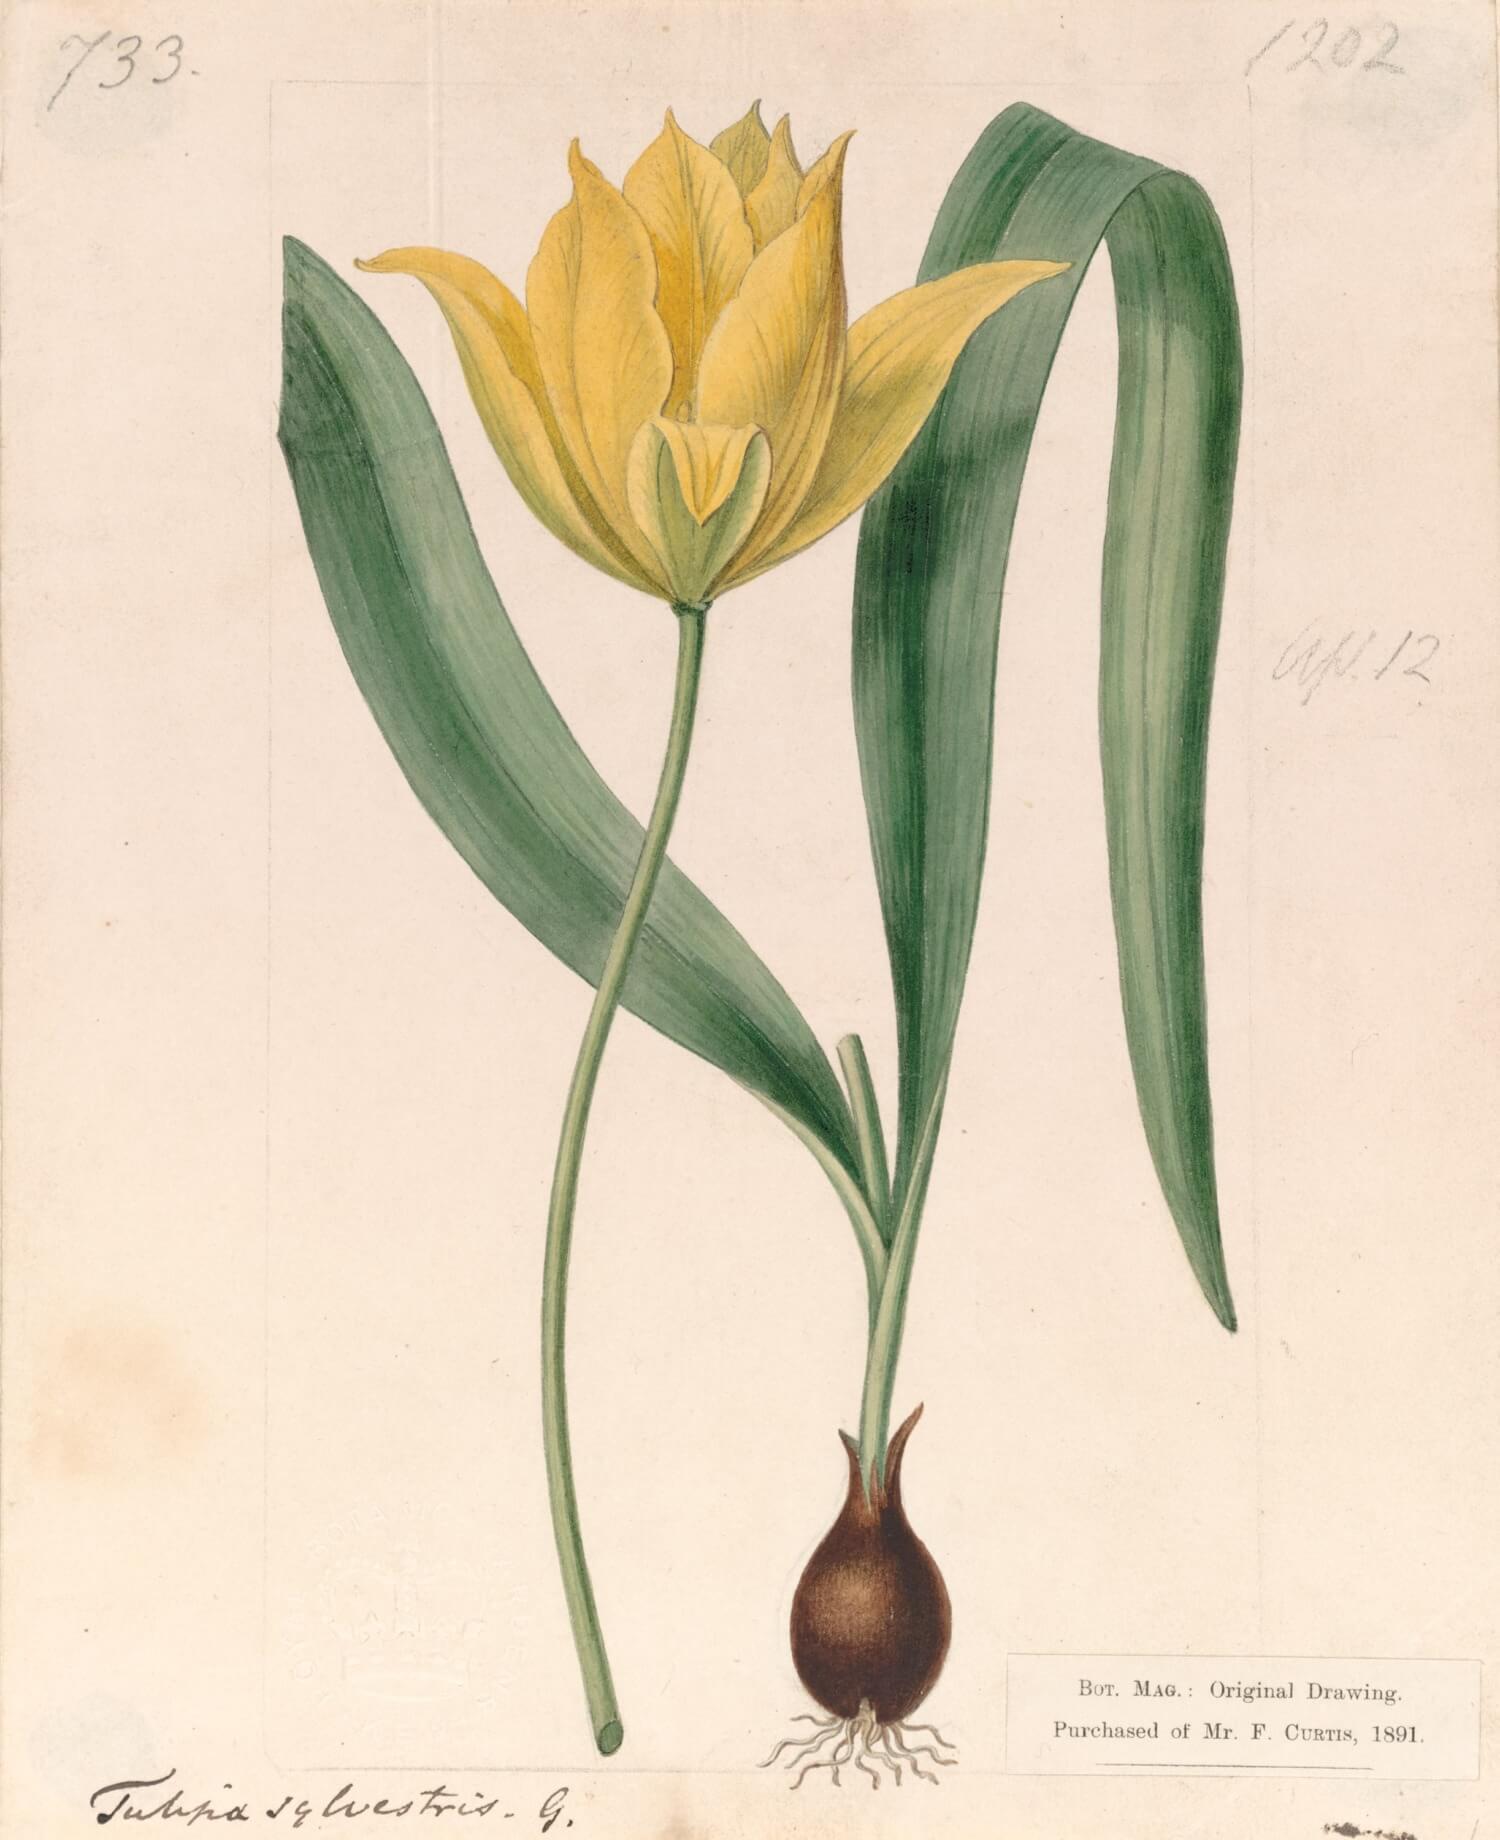 シデナム・ティースト・エドワーズ チューリッパ・シルベストリスの栽培品種